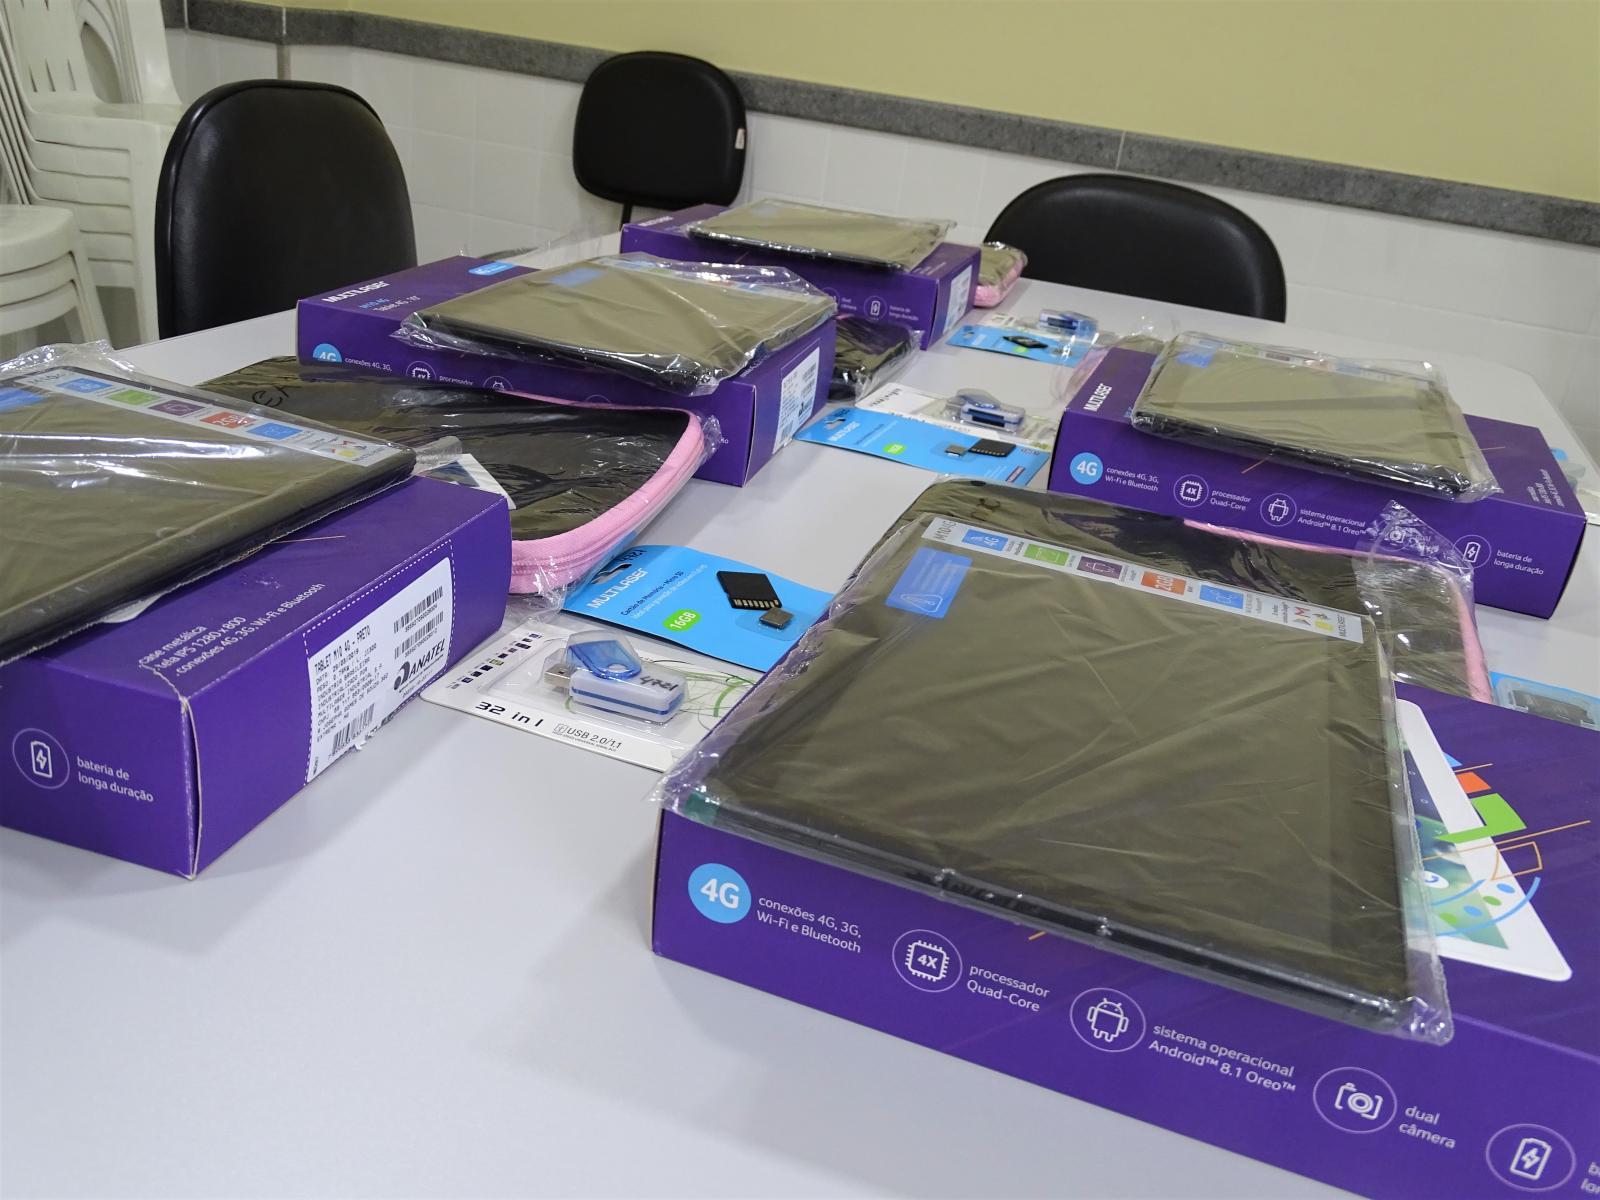 Prefeitura adquire tablets para as equipes da Secretaria Municipal de Assistência Social